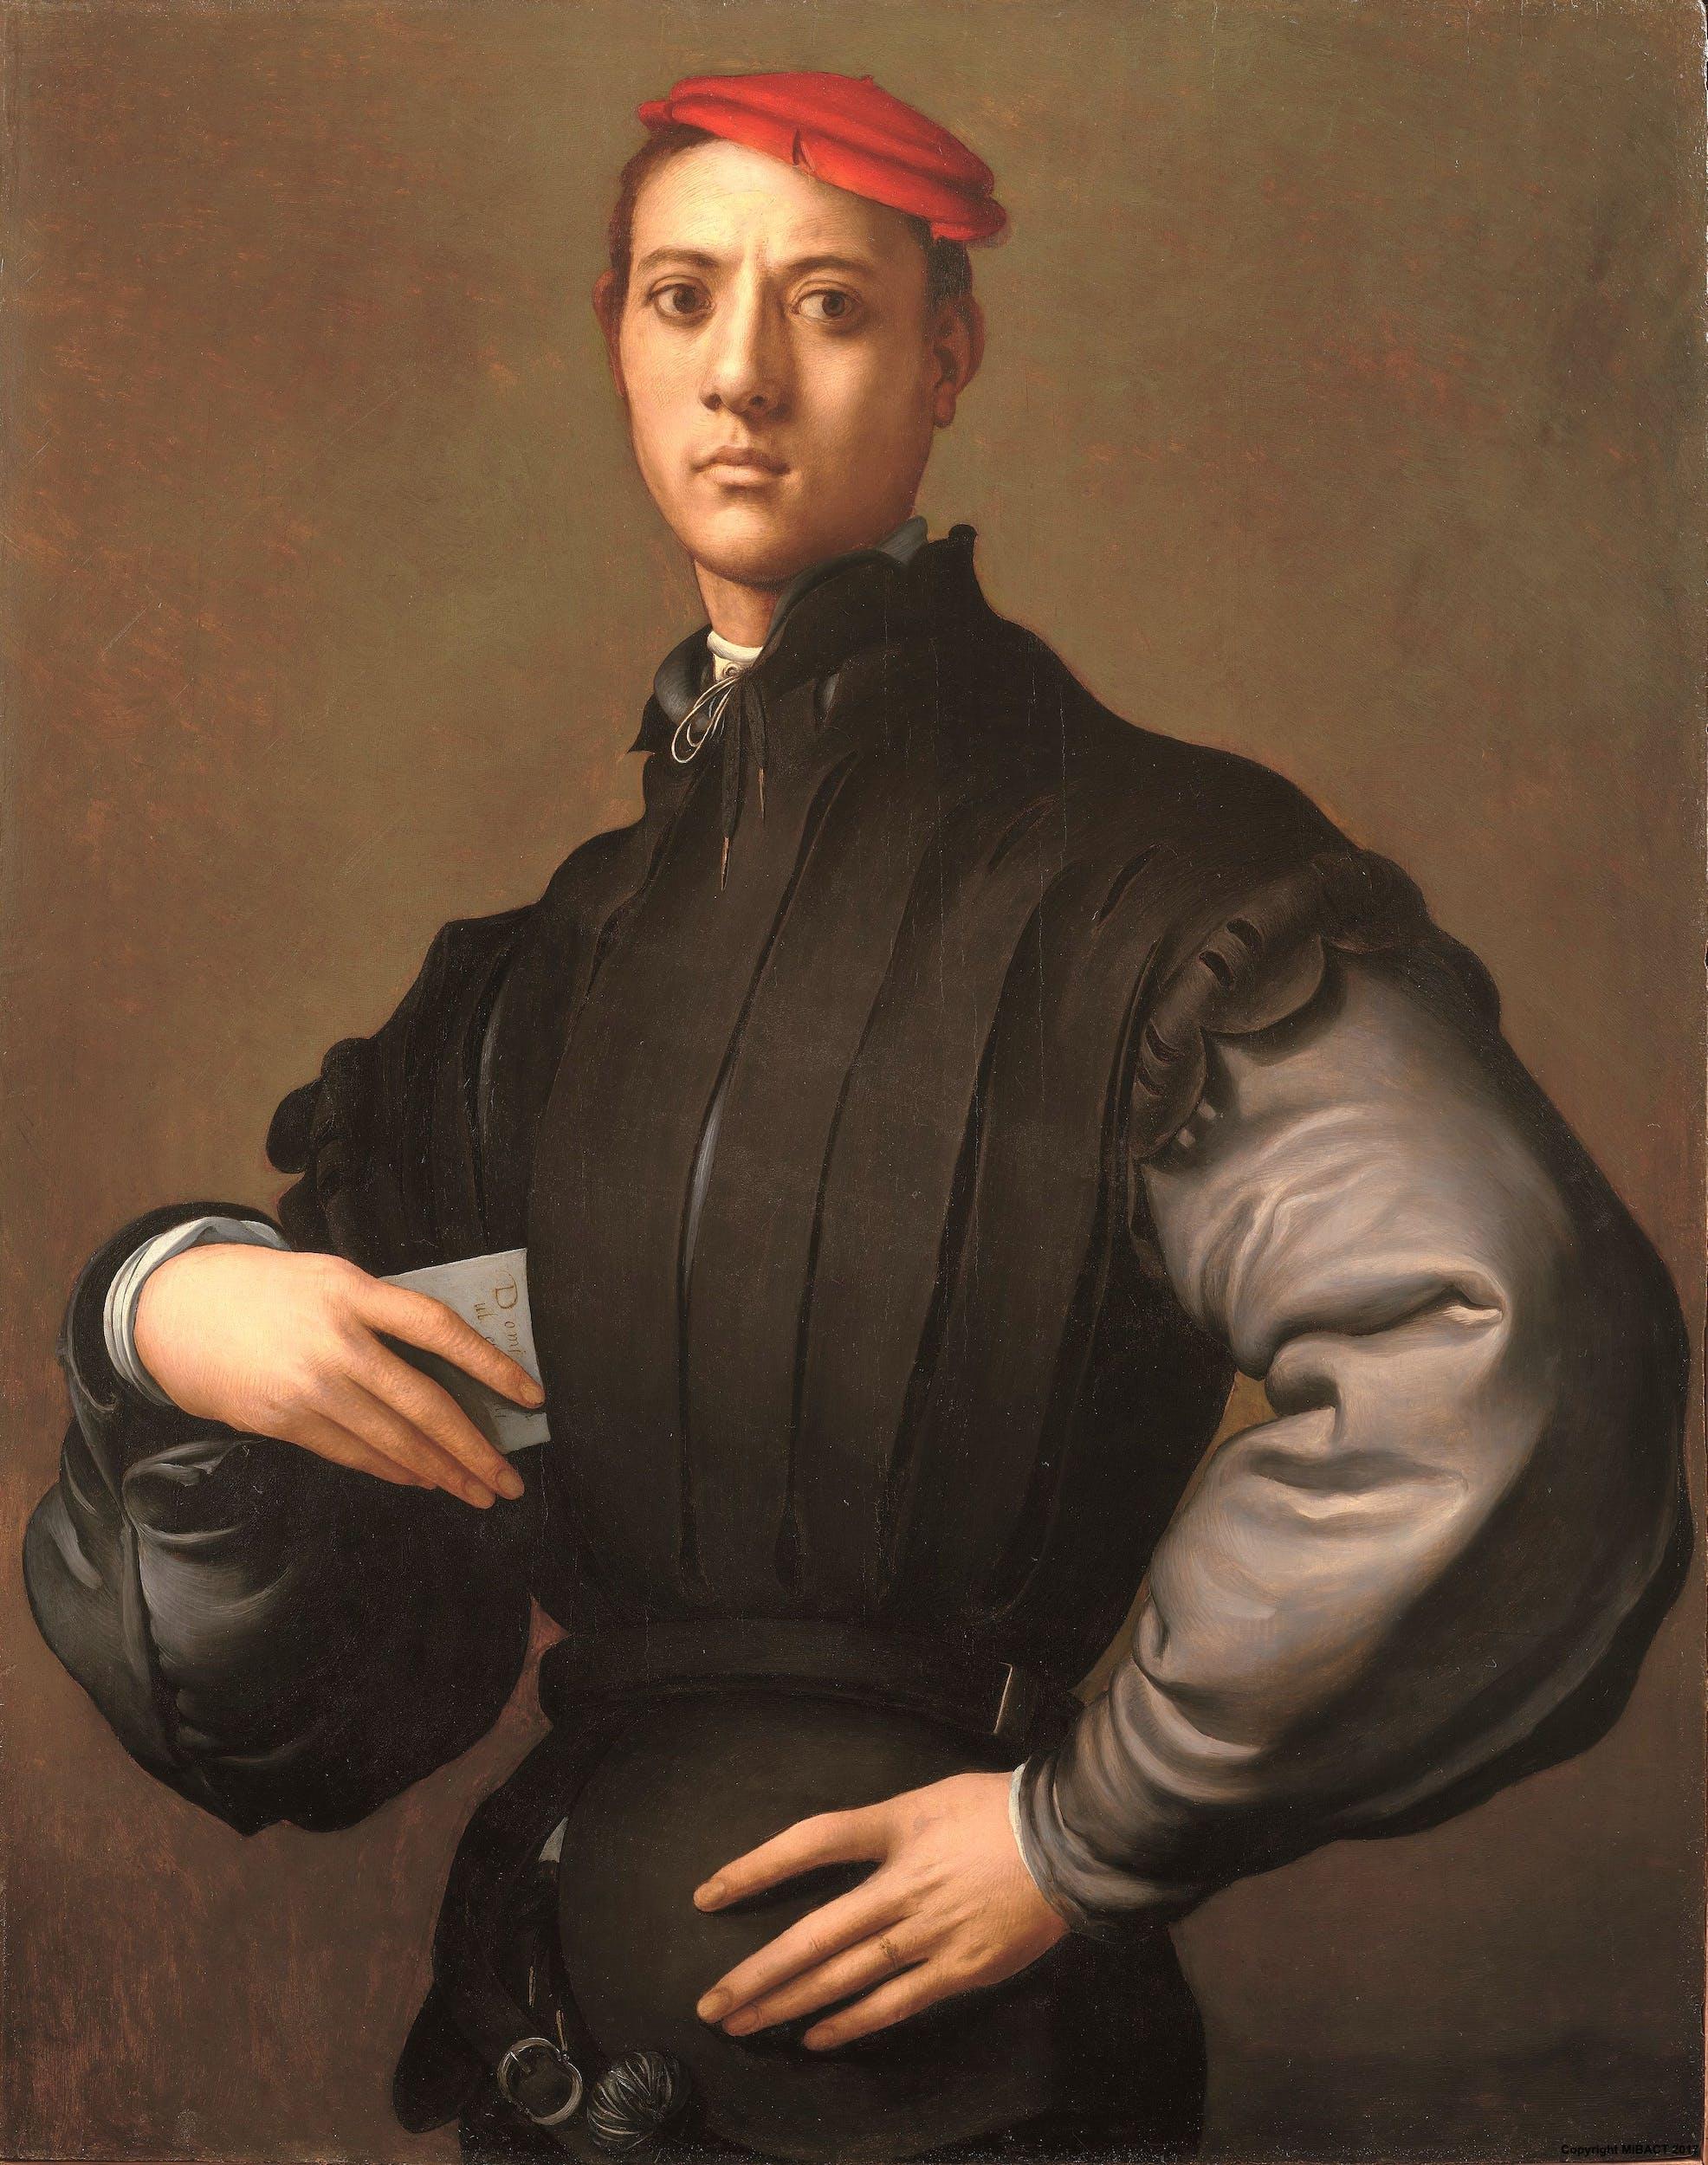 Jacopo da Pontormo (Pontorme, Empoli 1494 – Firenze 1557) Ritratto di giovane uomo con berretto rosso (Carlo Neroni?) 1530 circa Olio su tavola Collezione privata